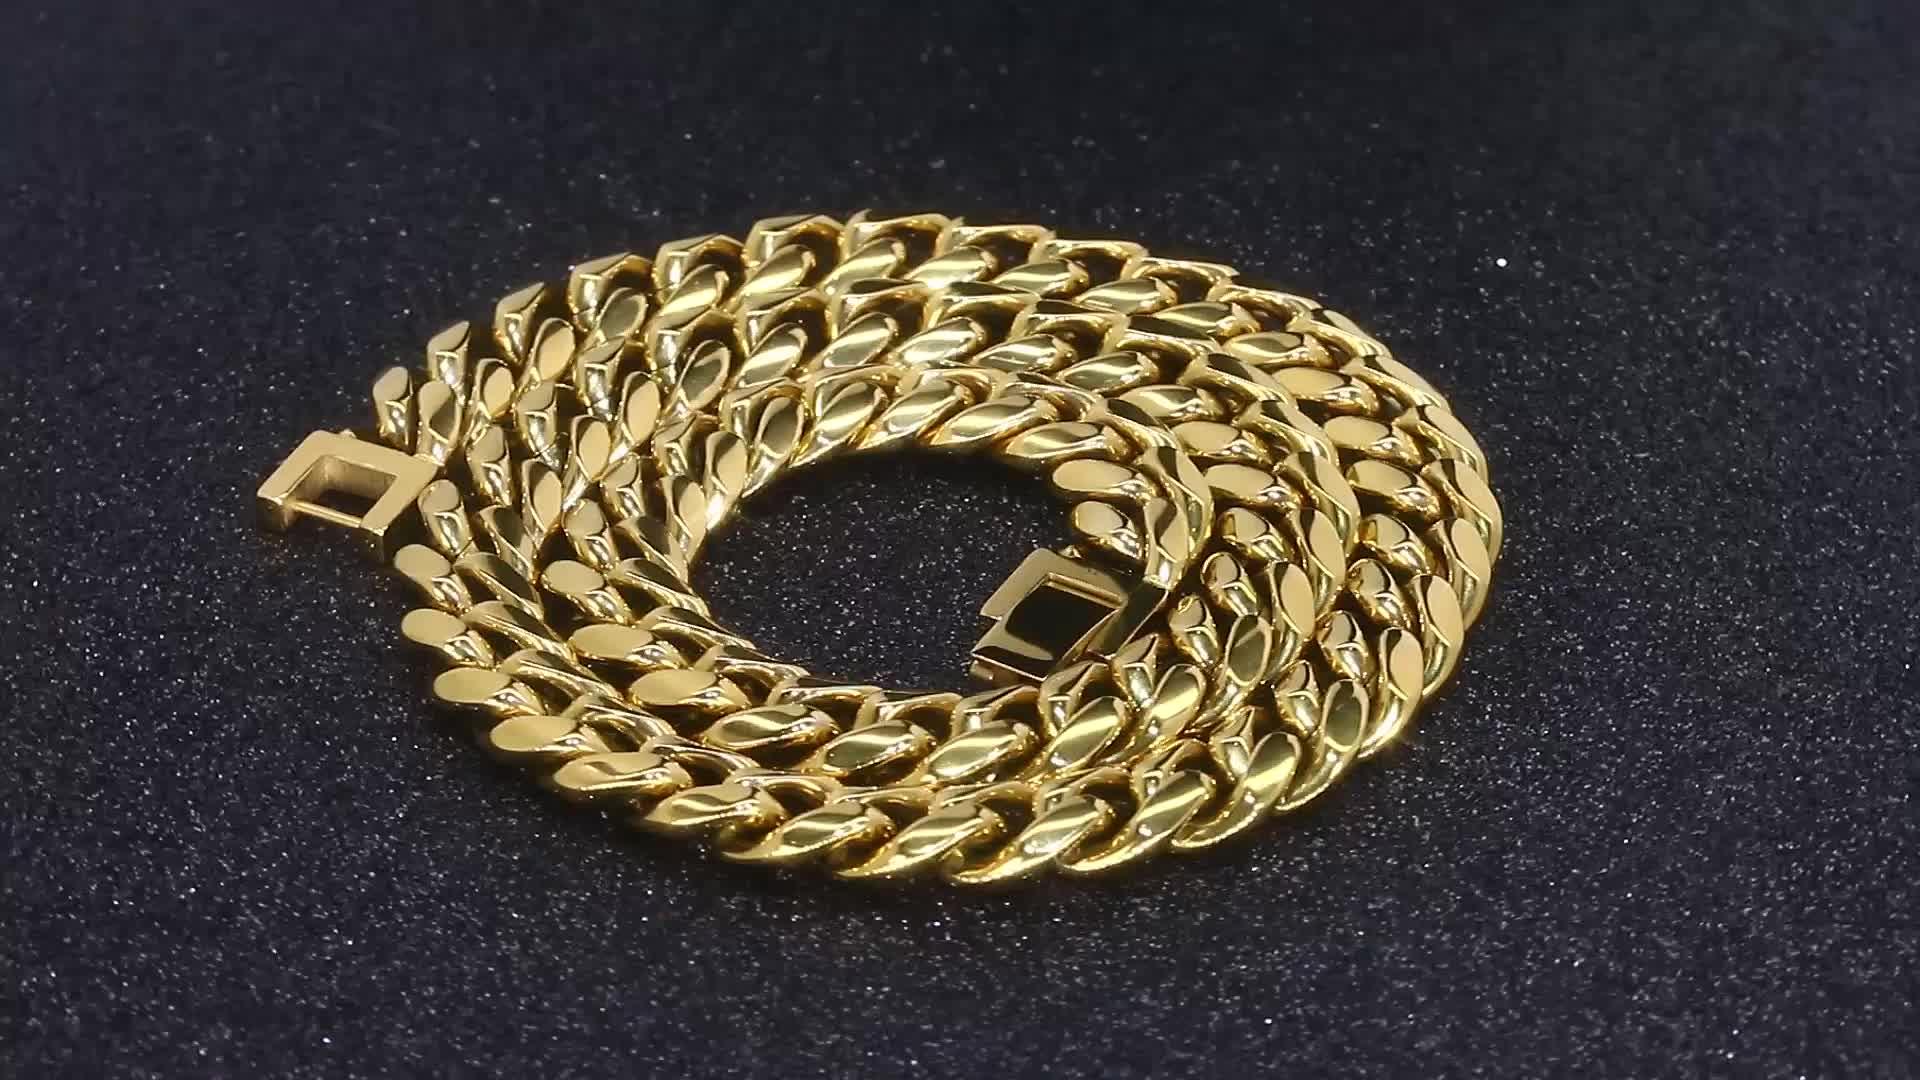 KRKC & CO 10 millimetri in acciaio inox gioielli miami cuban link catena per gli uomini